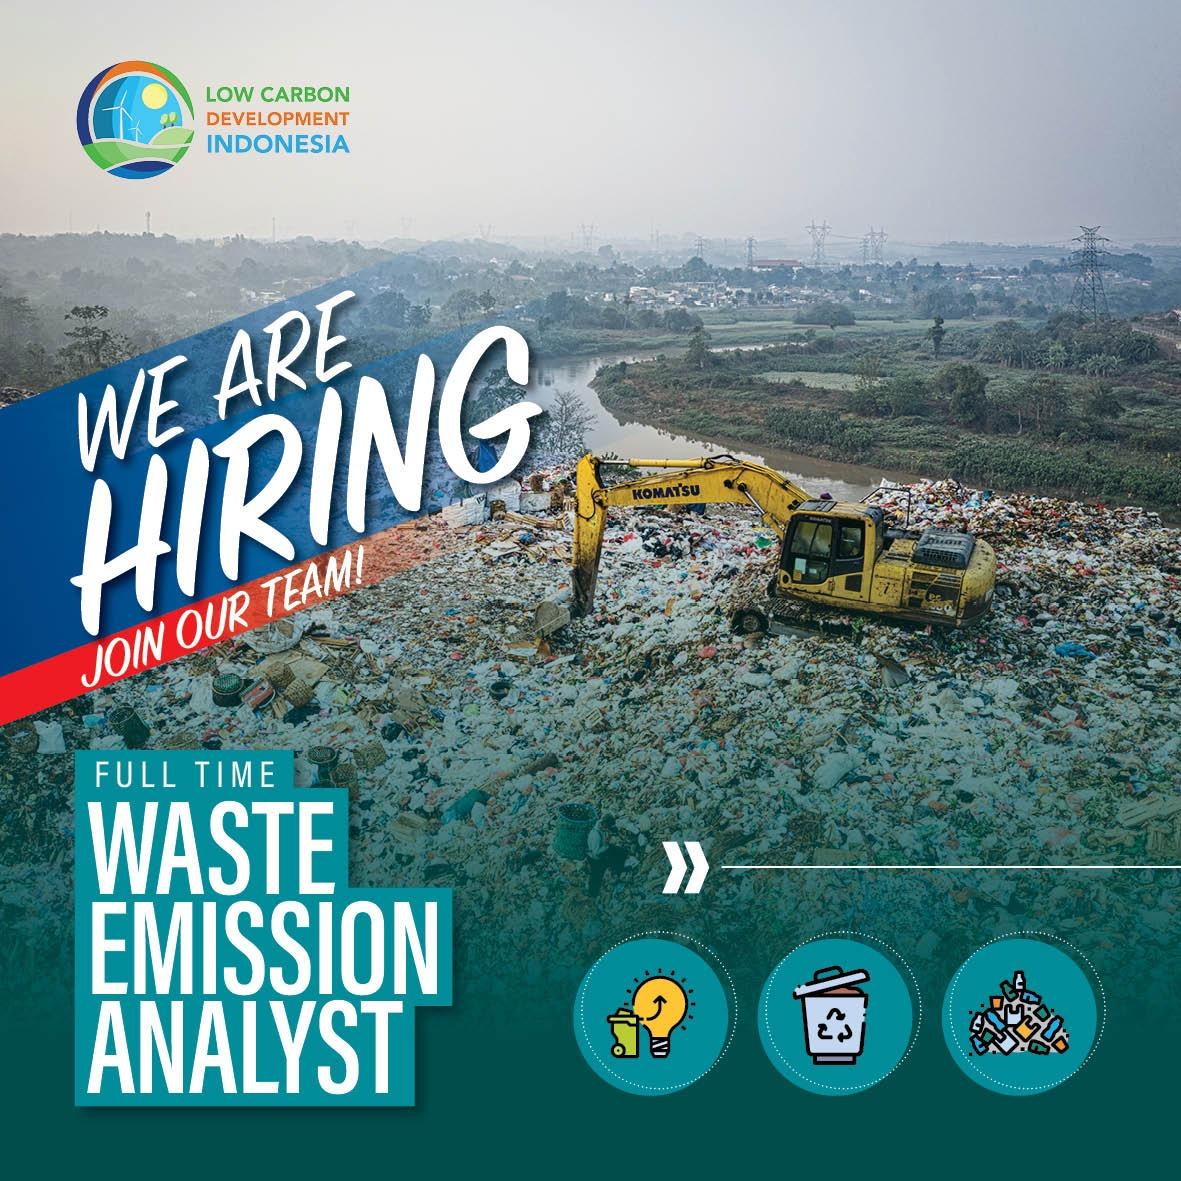 Waste Emission Analyst